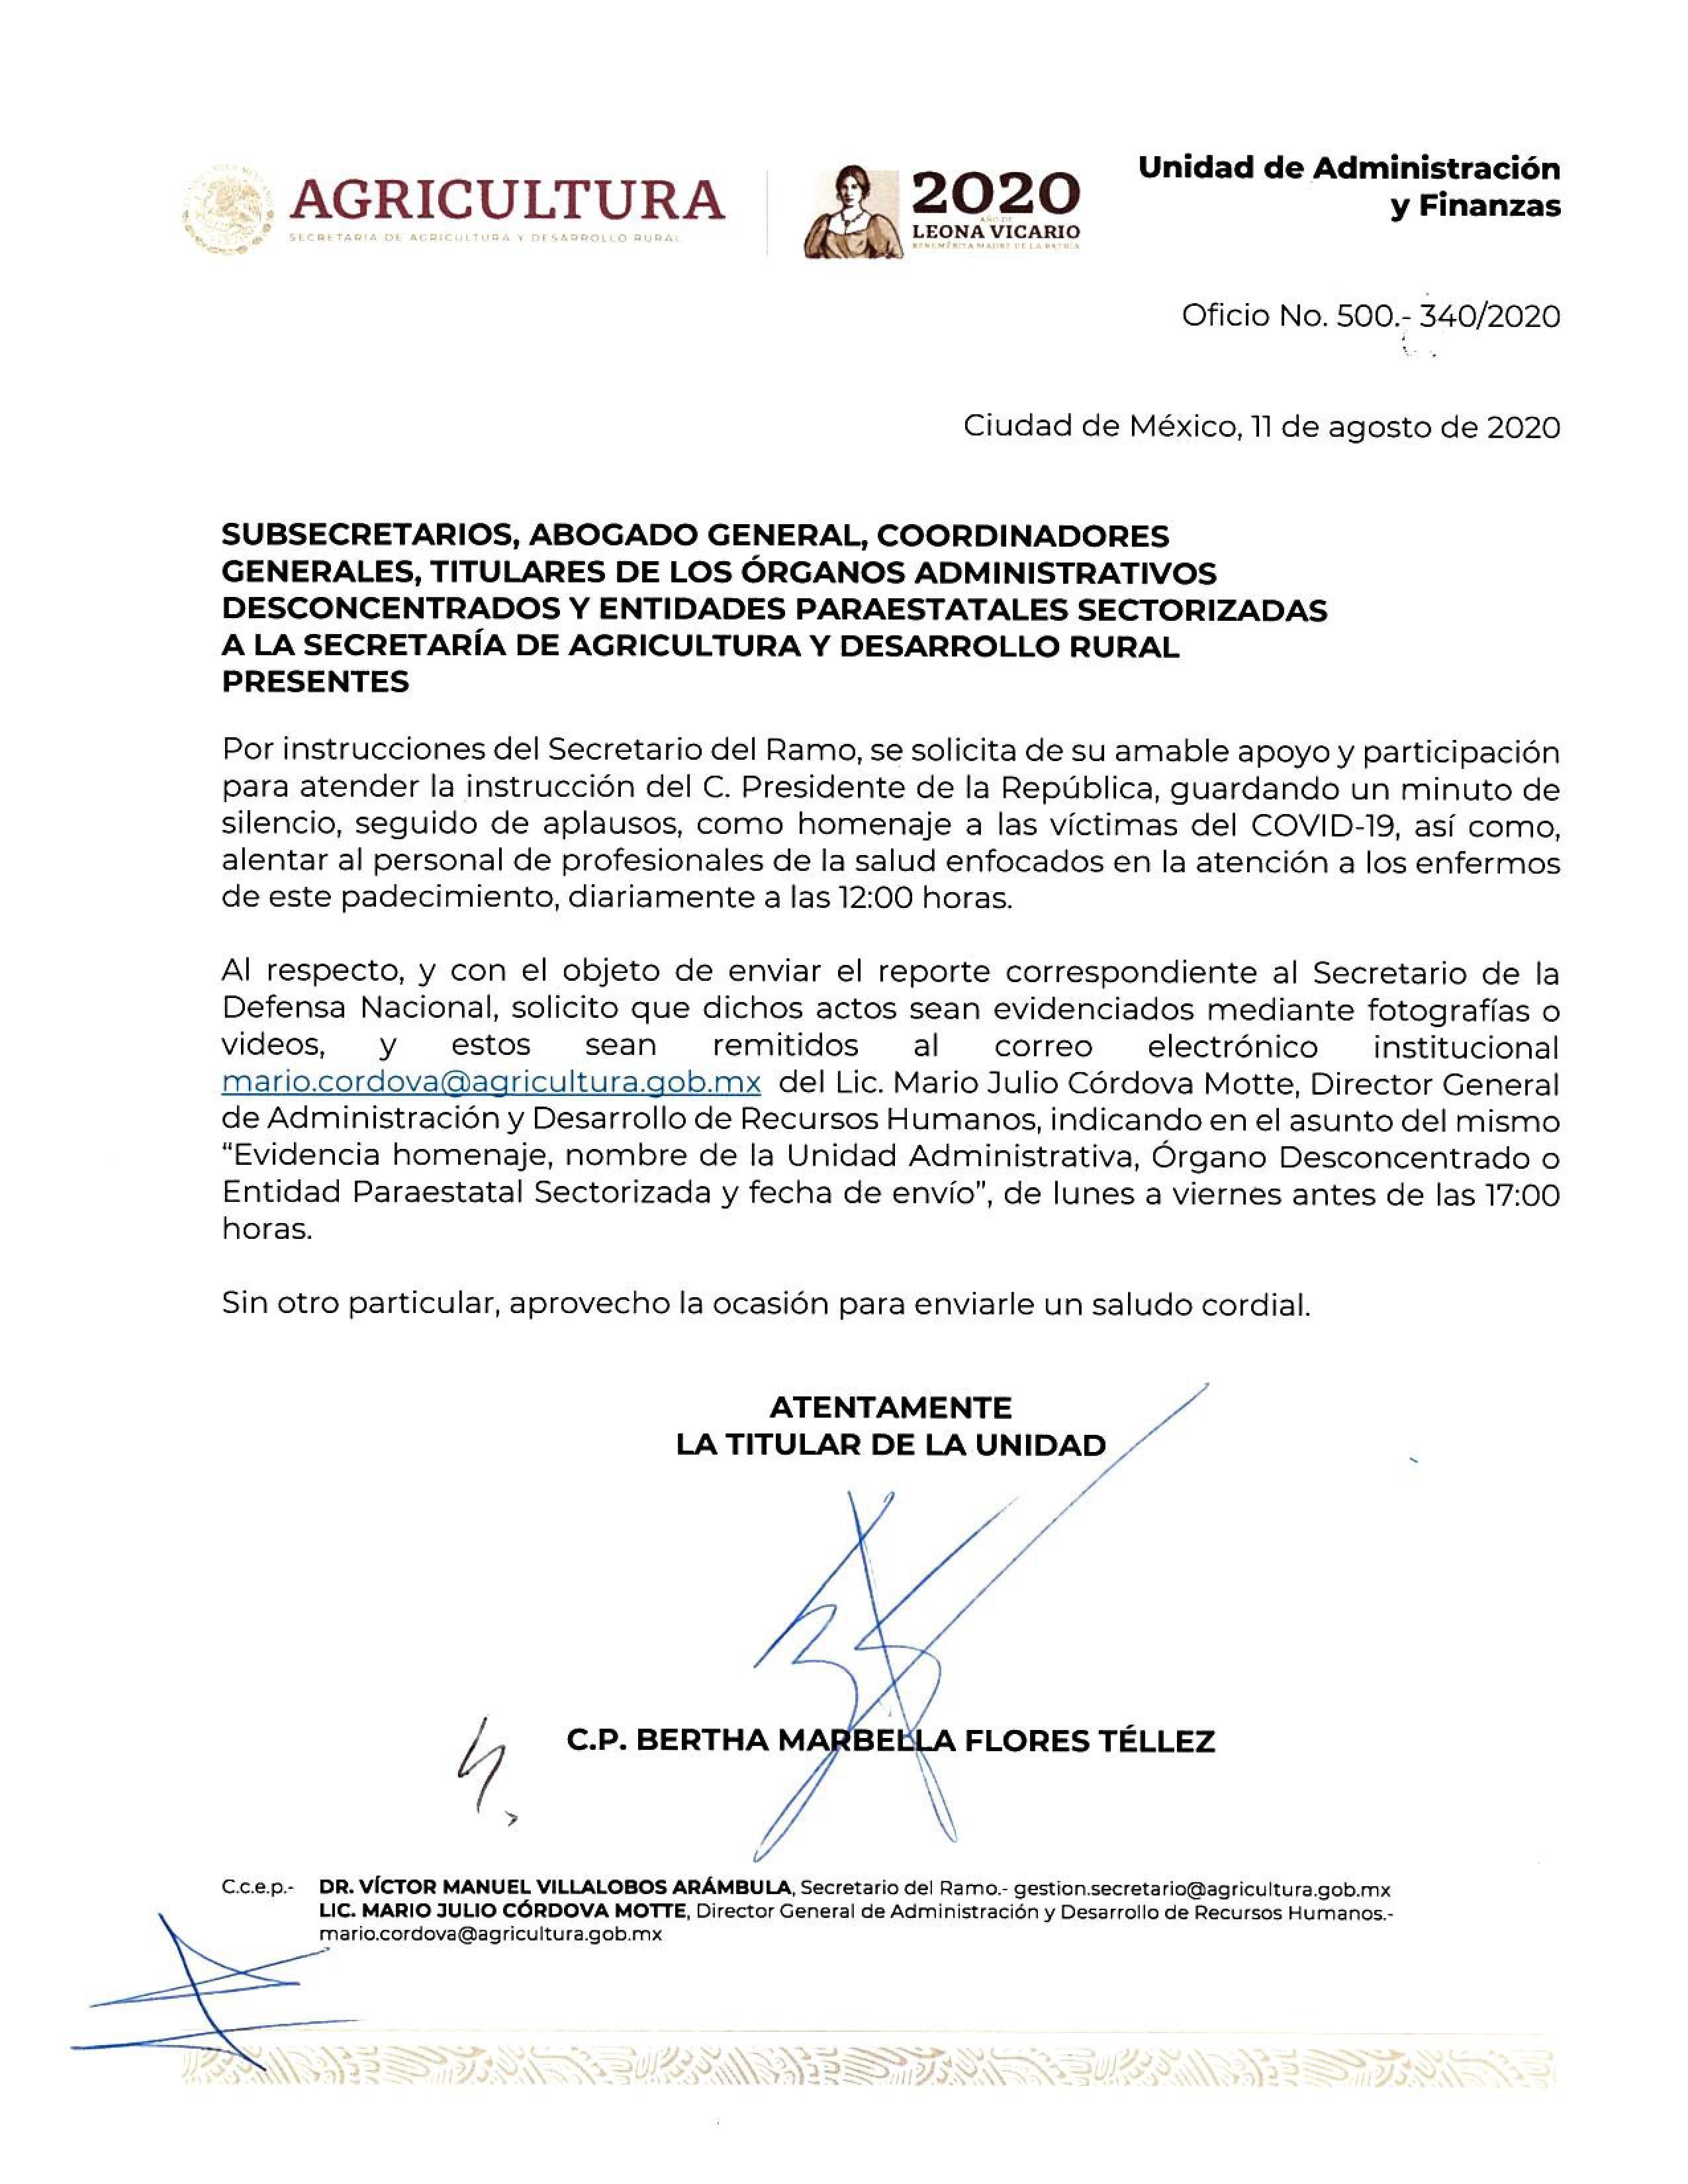 OFICIO No. 500.-  340/2020 HOMENAJE -VICTIMAS COVID19